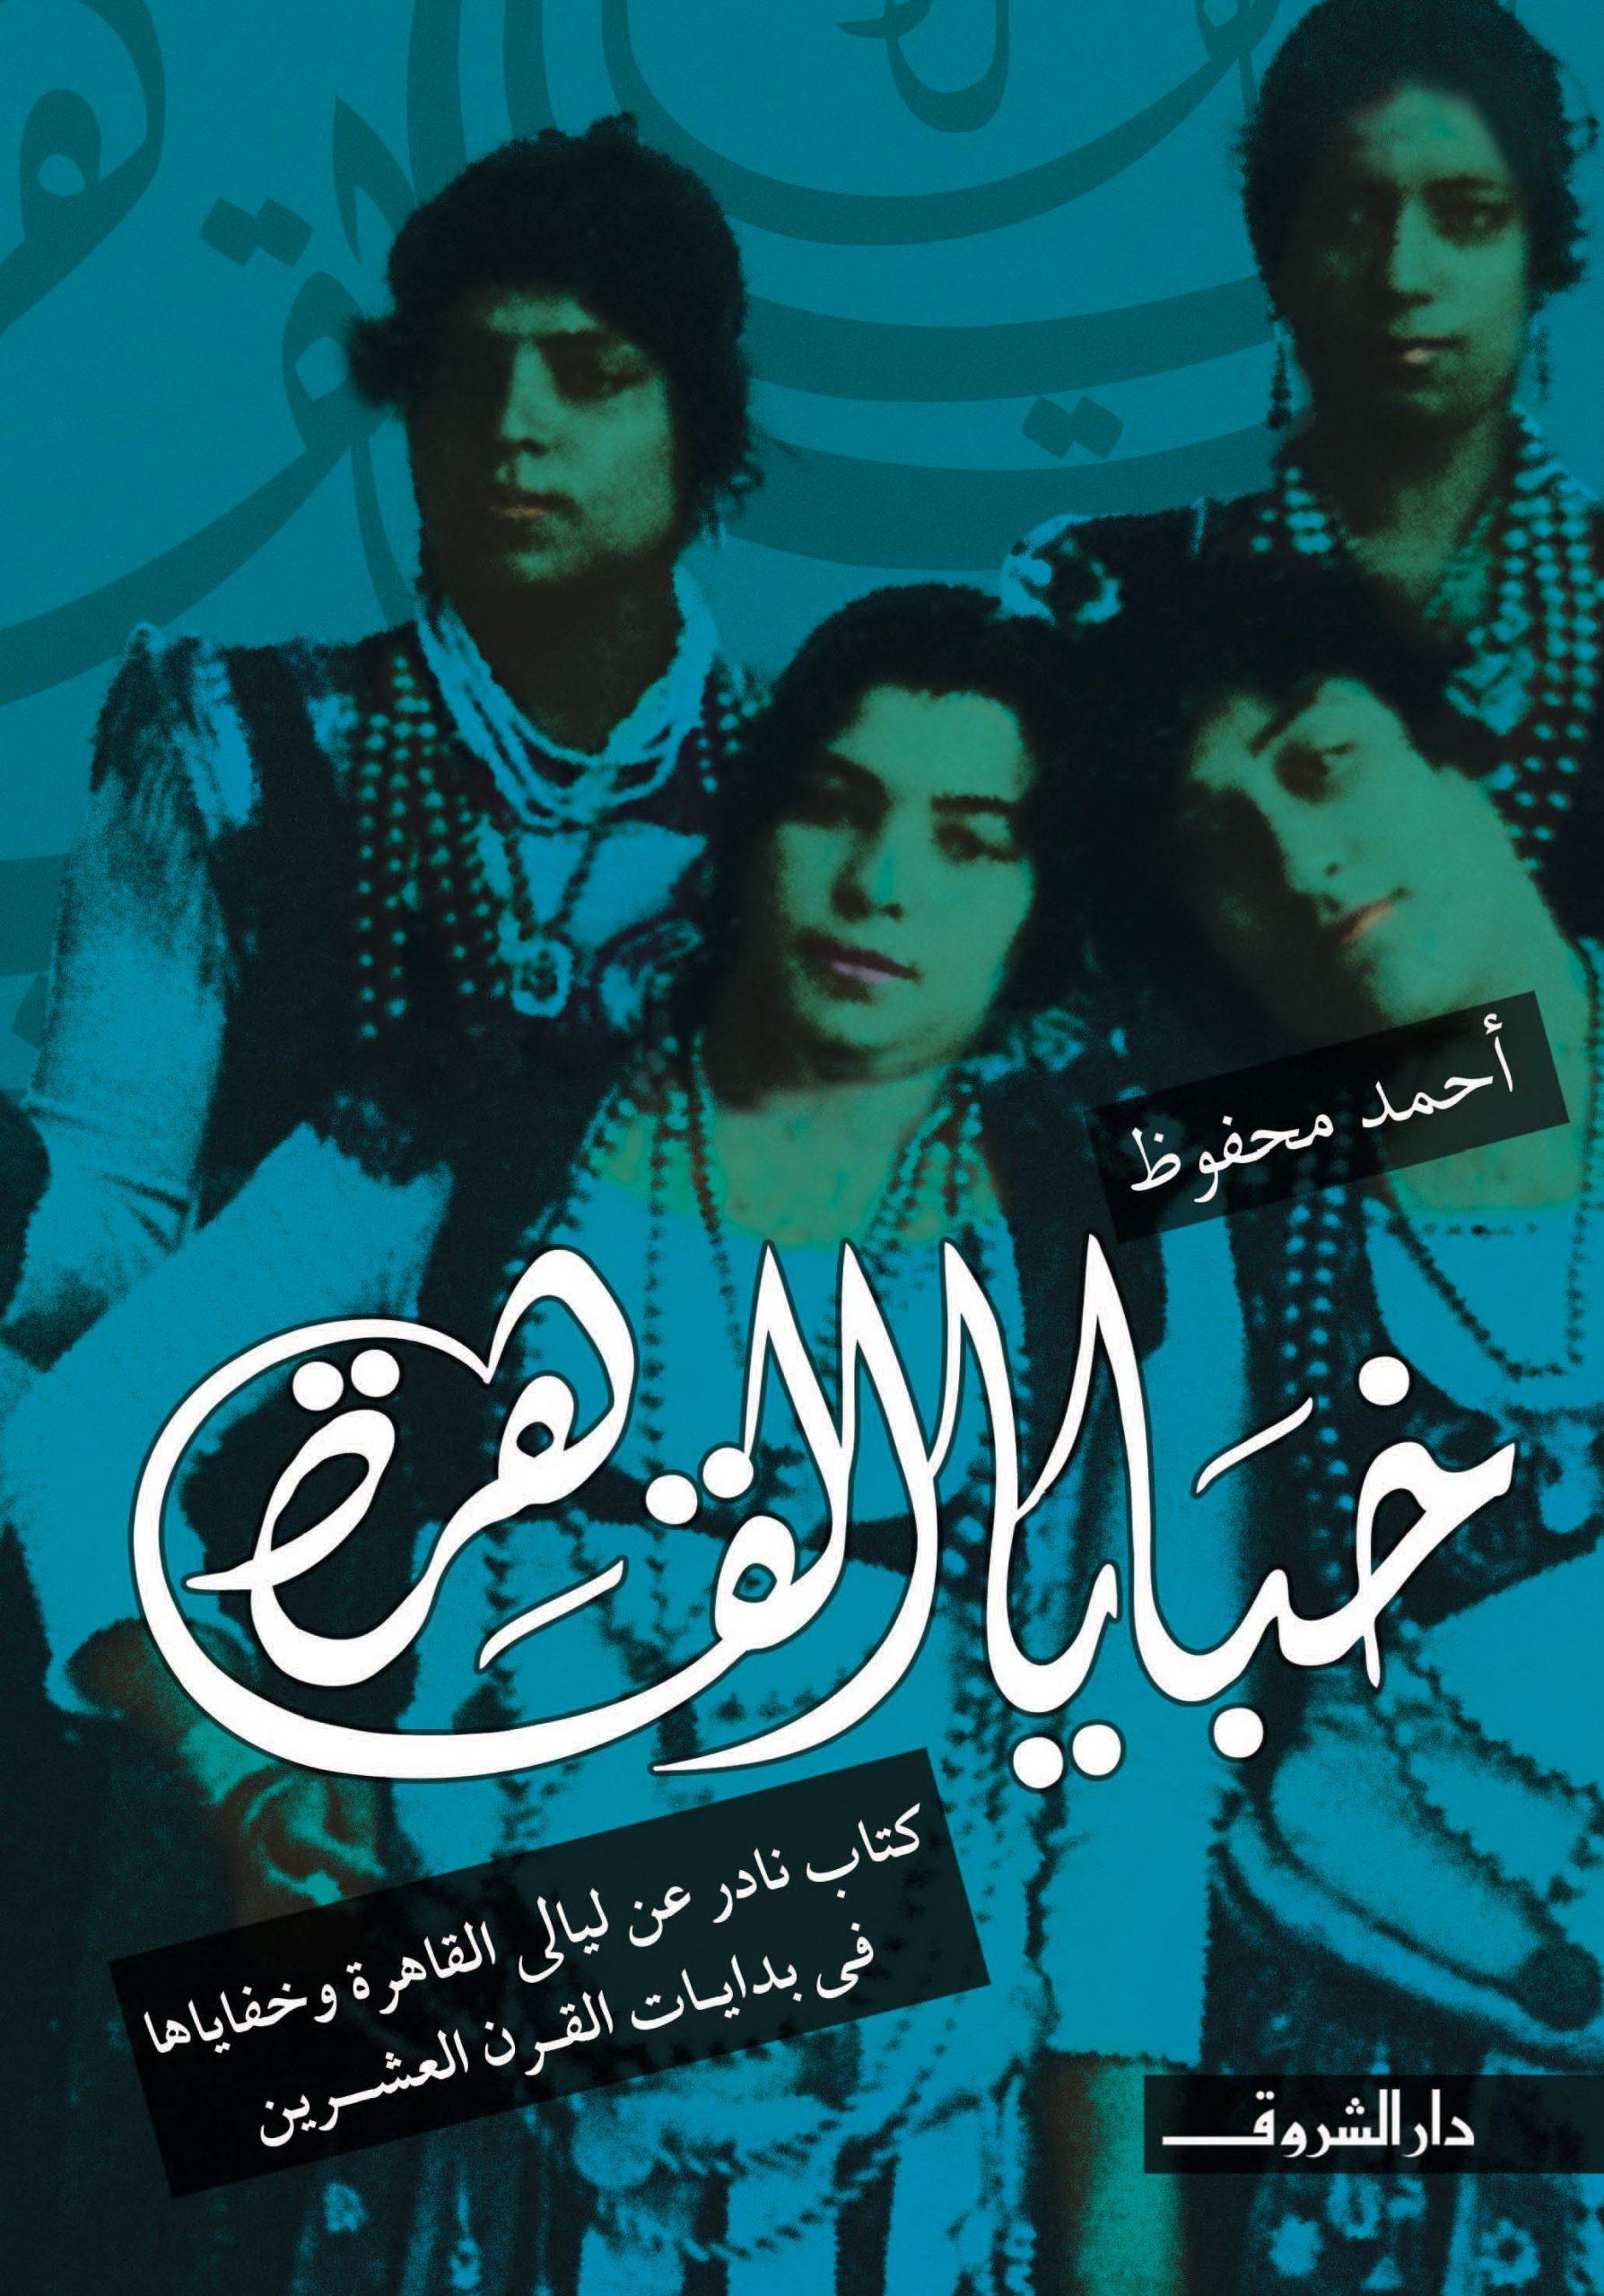 صورة كتاب خبايا القاهرة – أحمد محفوظ